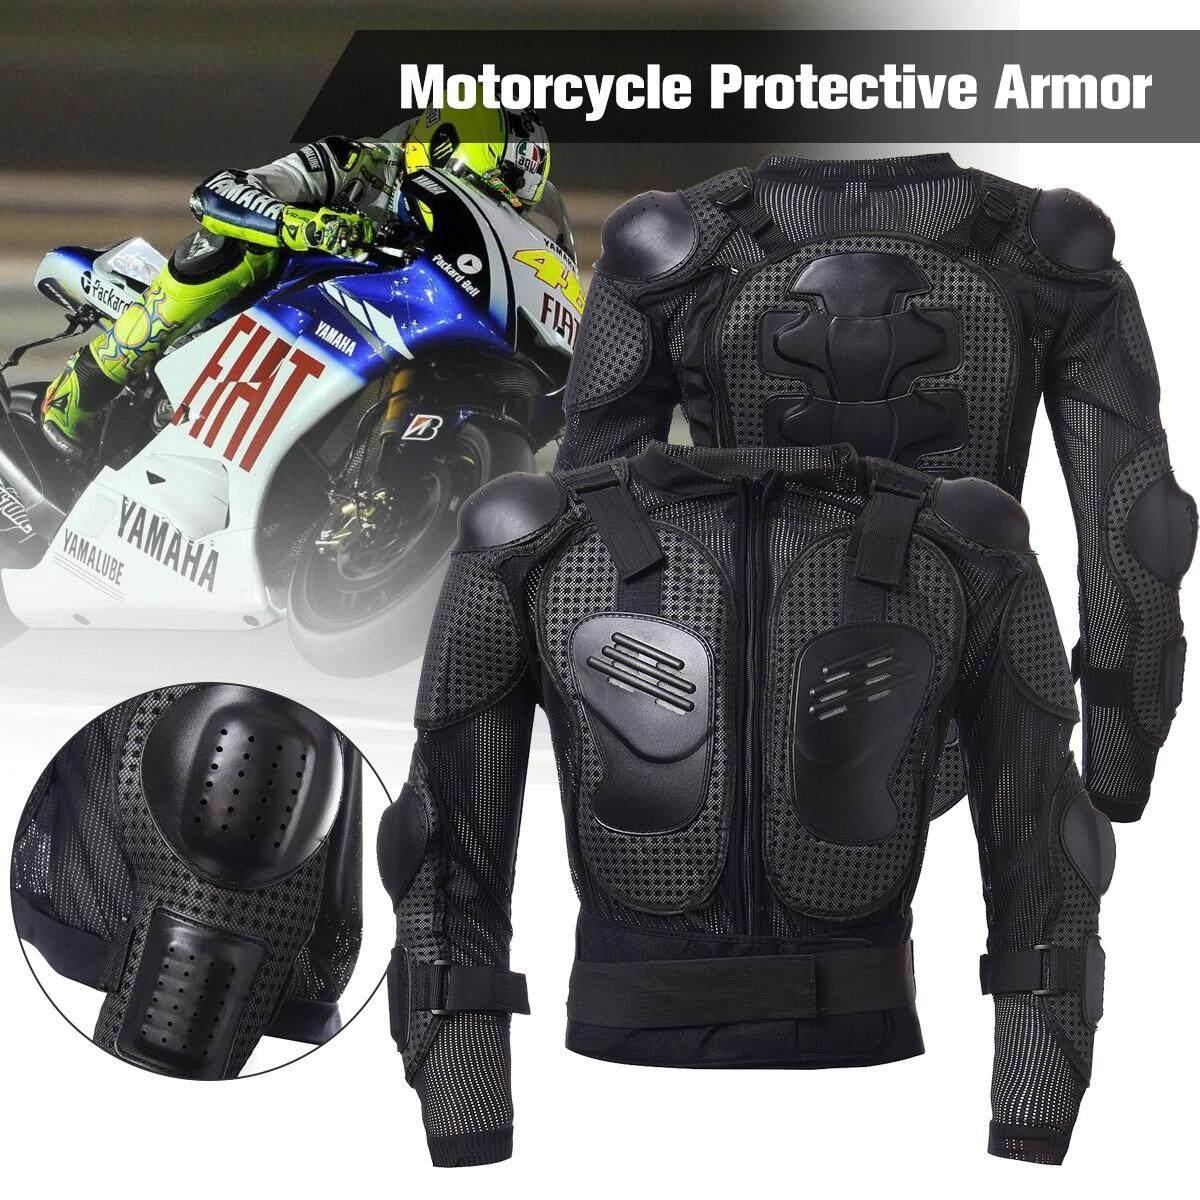 ซื้อ รถจักรยานยนต์เกราะป้องกันร่างกายเสื้อแบบไหล่หลังอกเฟืองขับ Xl ออนไลน์ ถูก